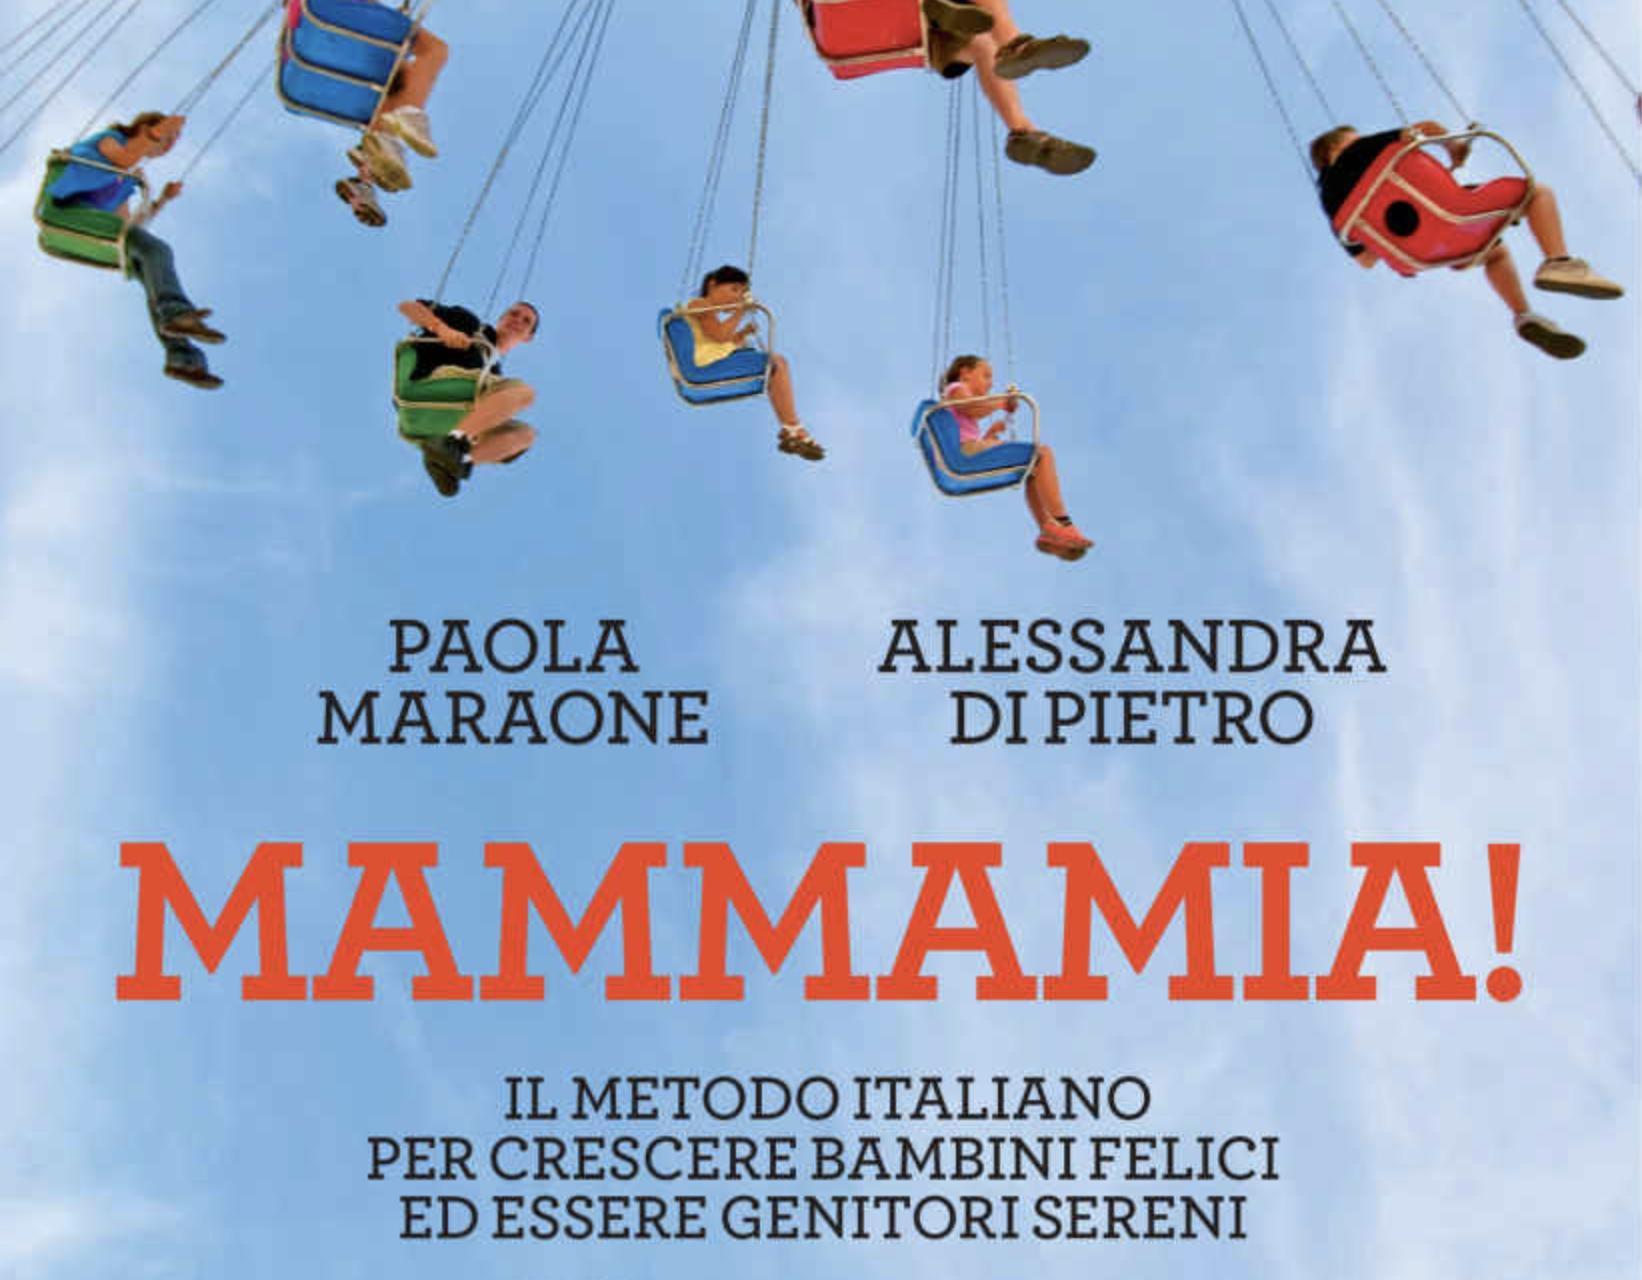 Metodo Estivill Per Dormire il metodo italiano per crescere bambini felici - ricomincio